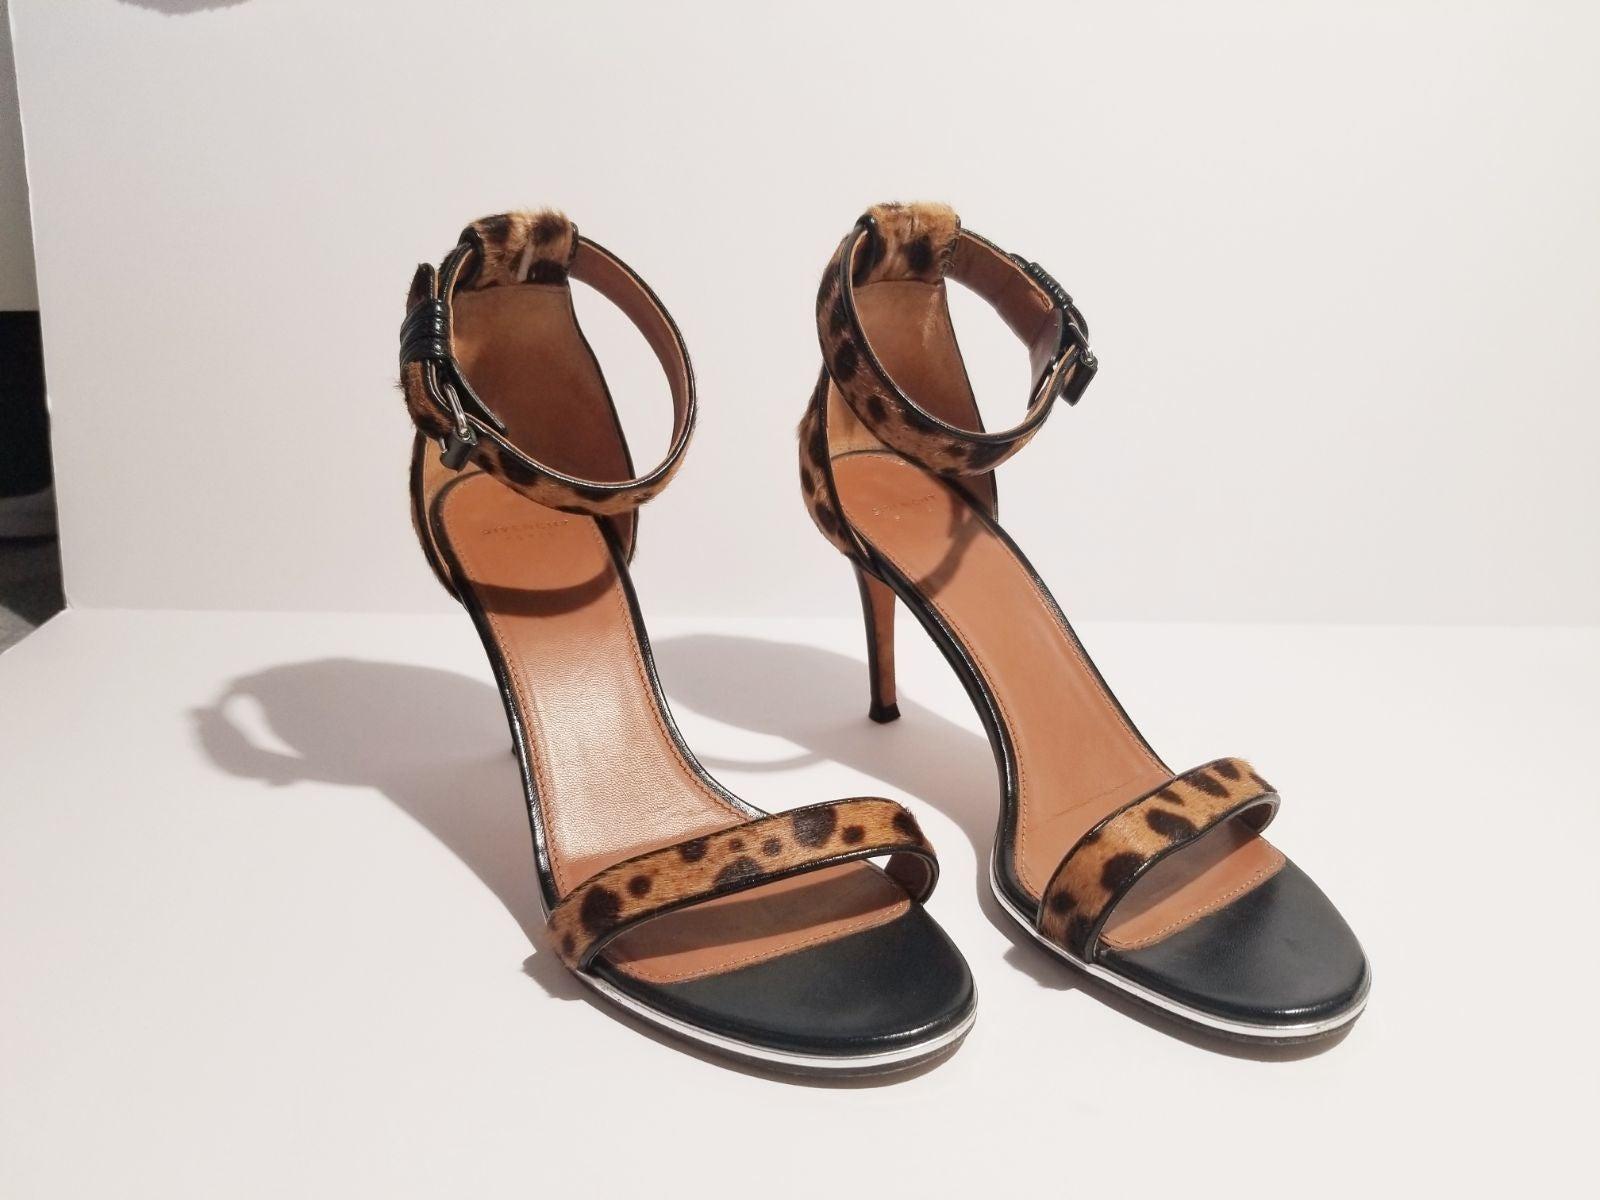 Givenchy Nadia Calf Hair Leopard Heels 7